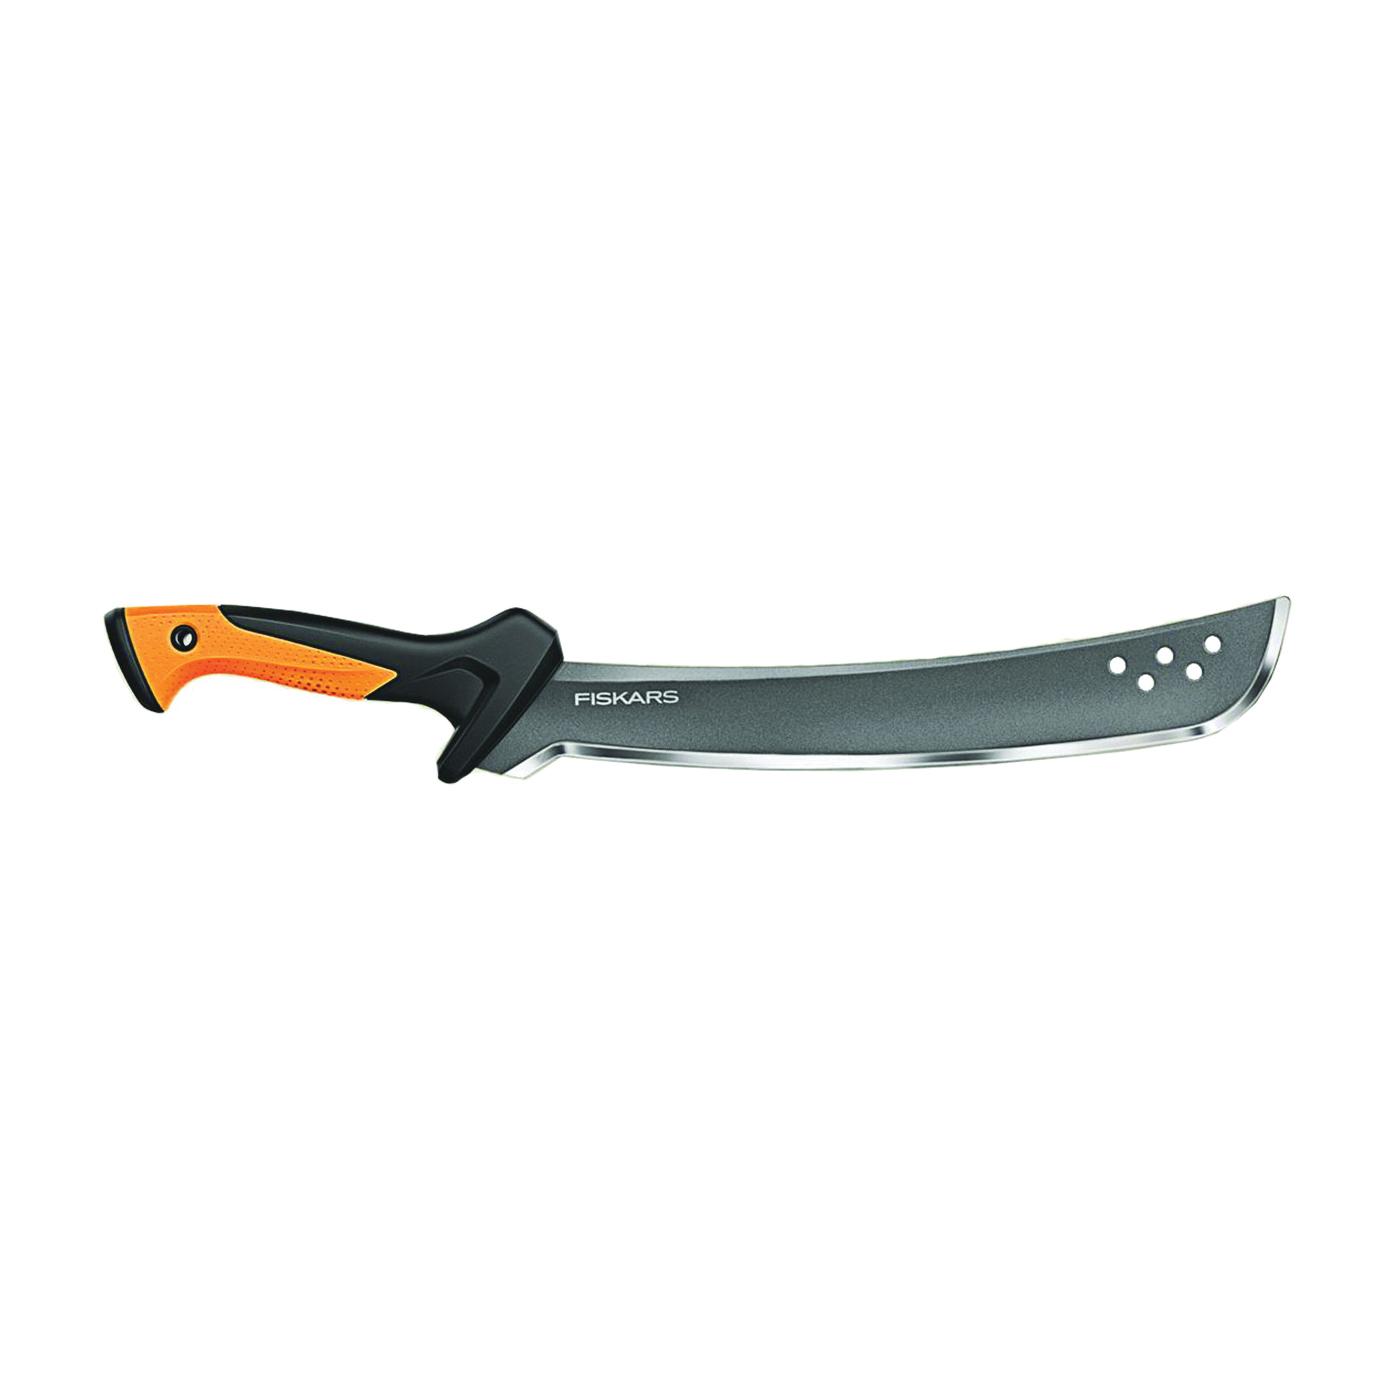 Picture of FISKARS 385091-1001 Clearing Machete, 24 in OAL, Steel Blade